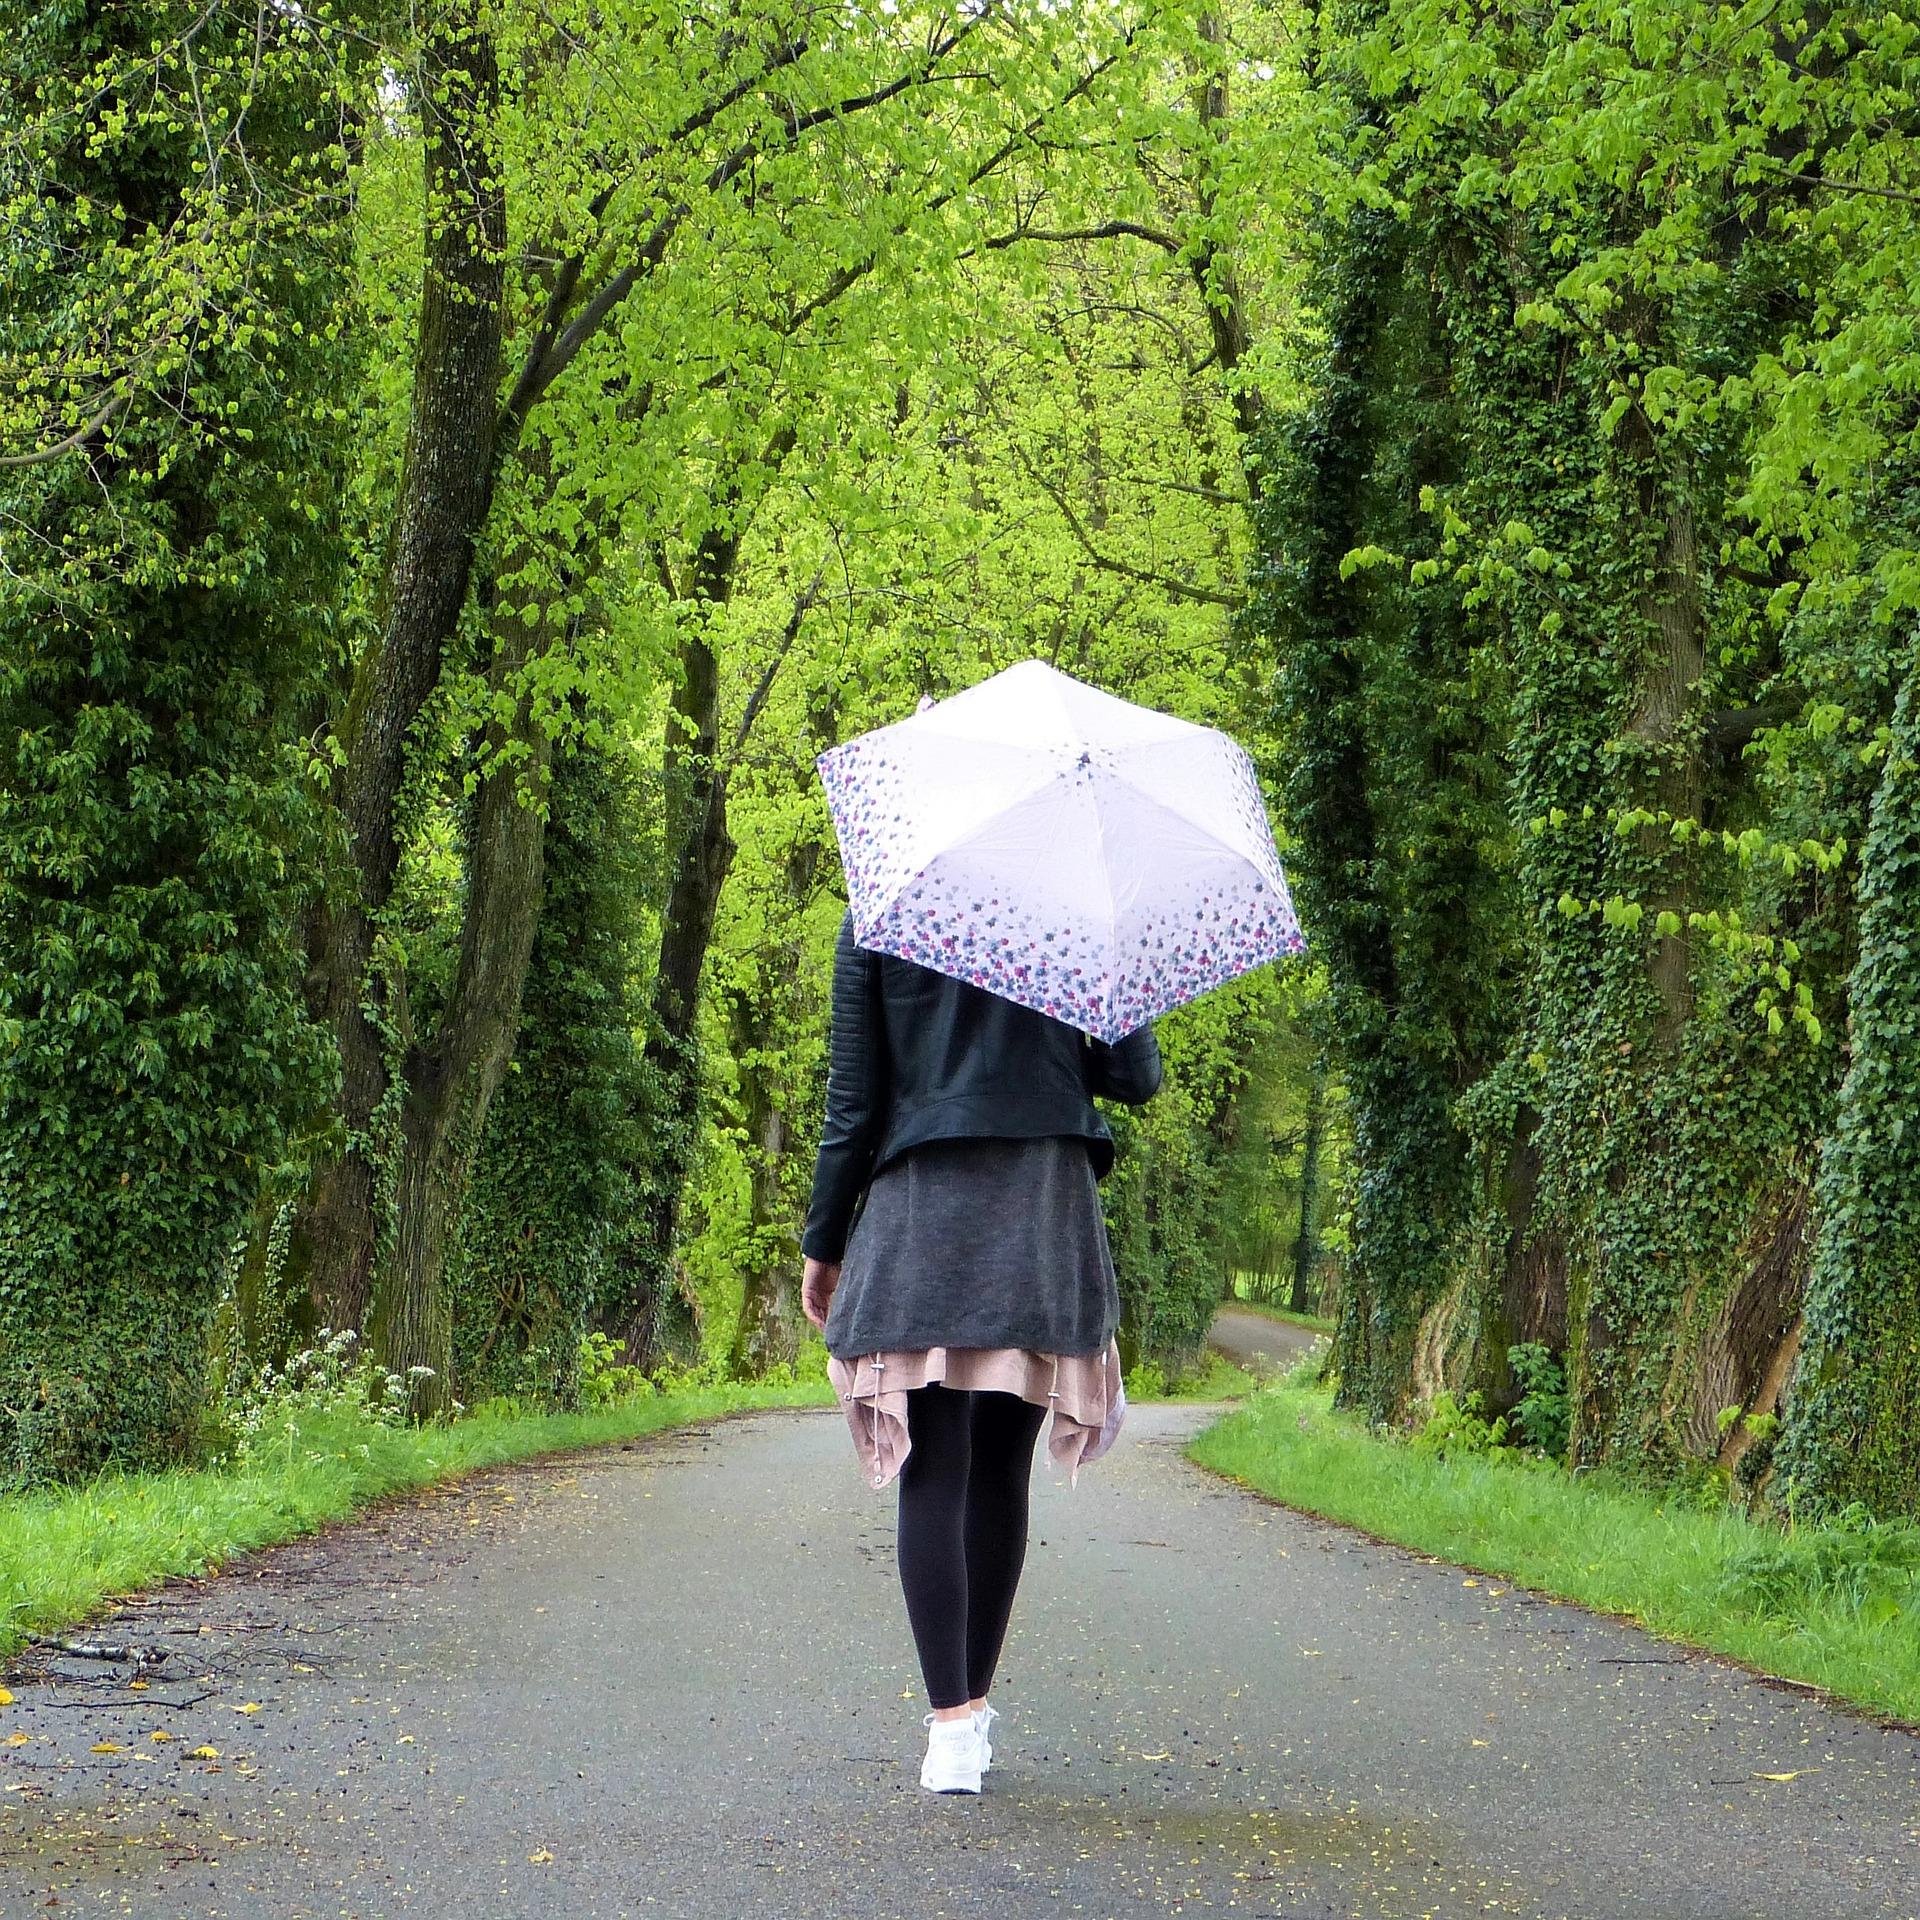 Frau spaziert im Park mit Schirm